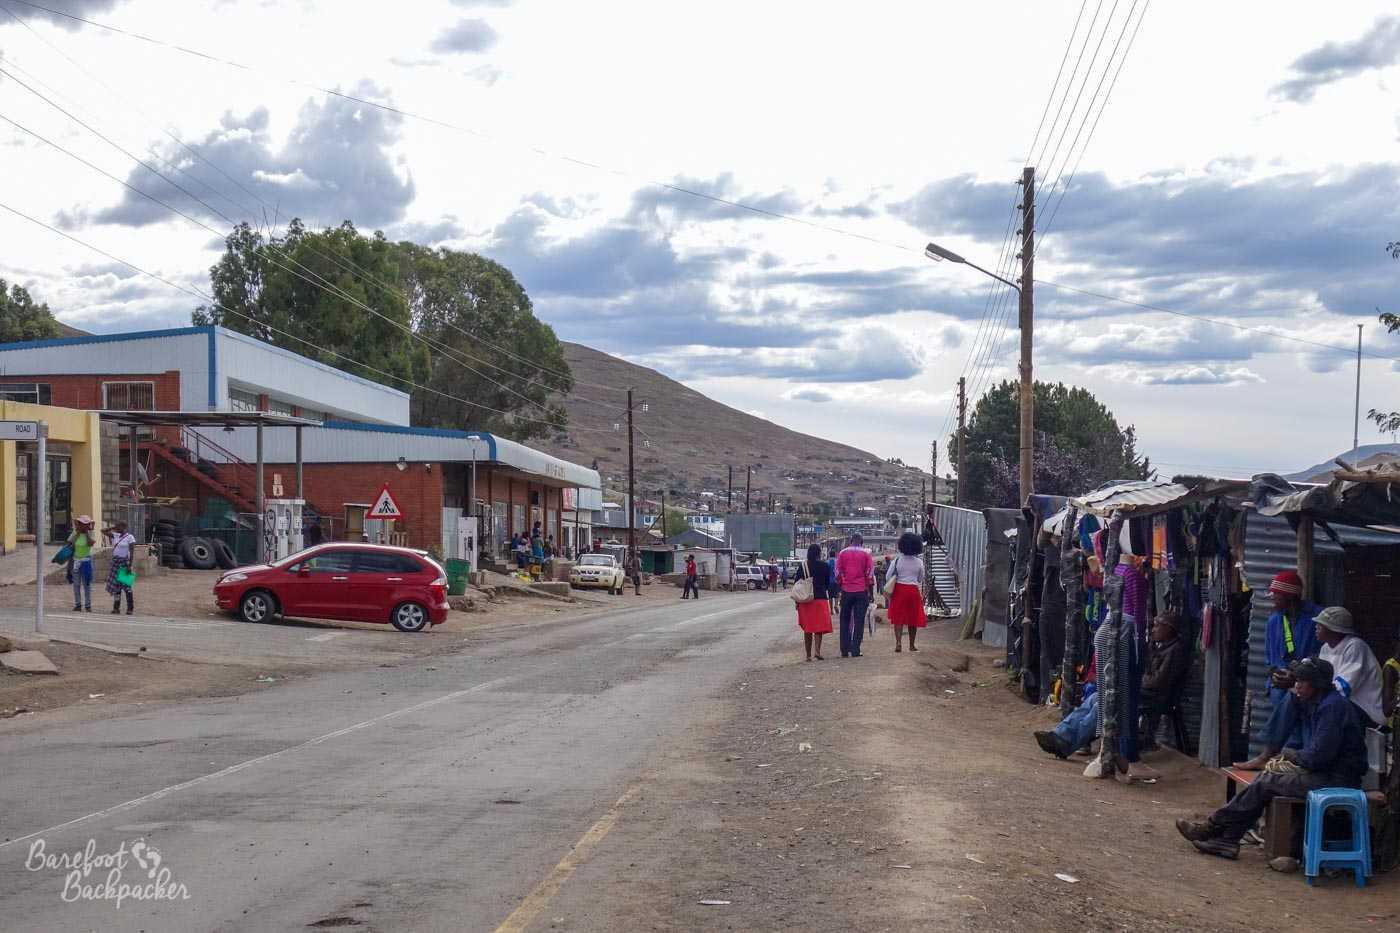 Mokhotlong town centre, Lesotho